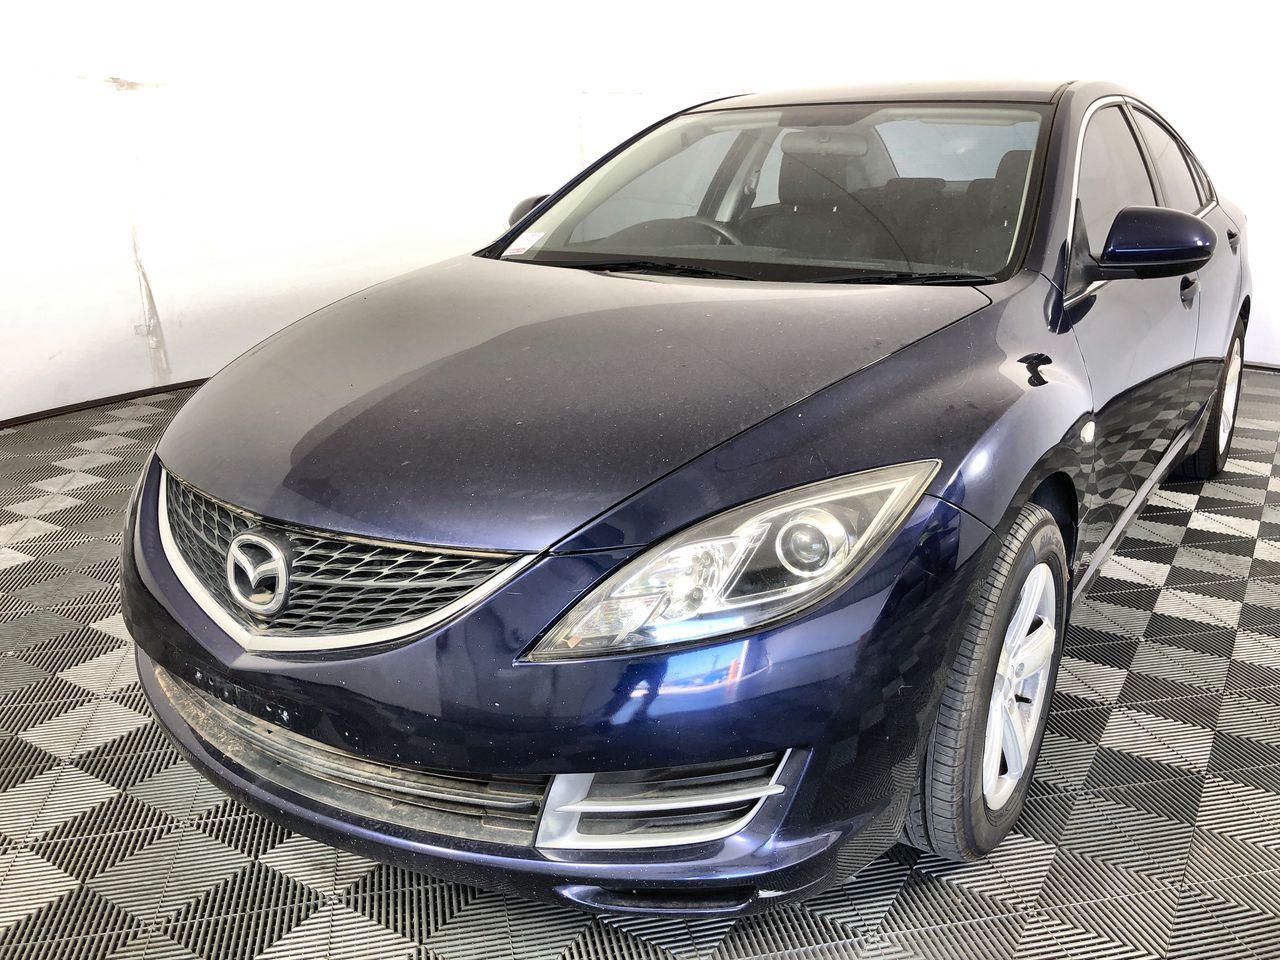 2008 Mazda 6 Limited GH Automatic Sedan